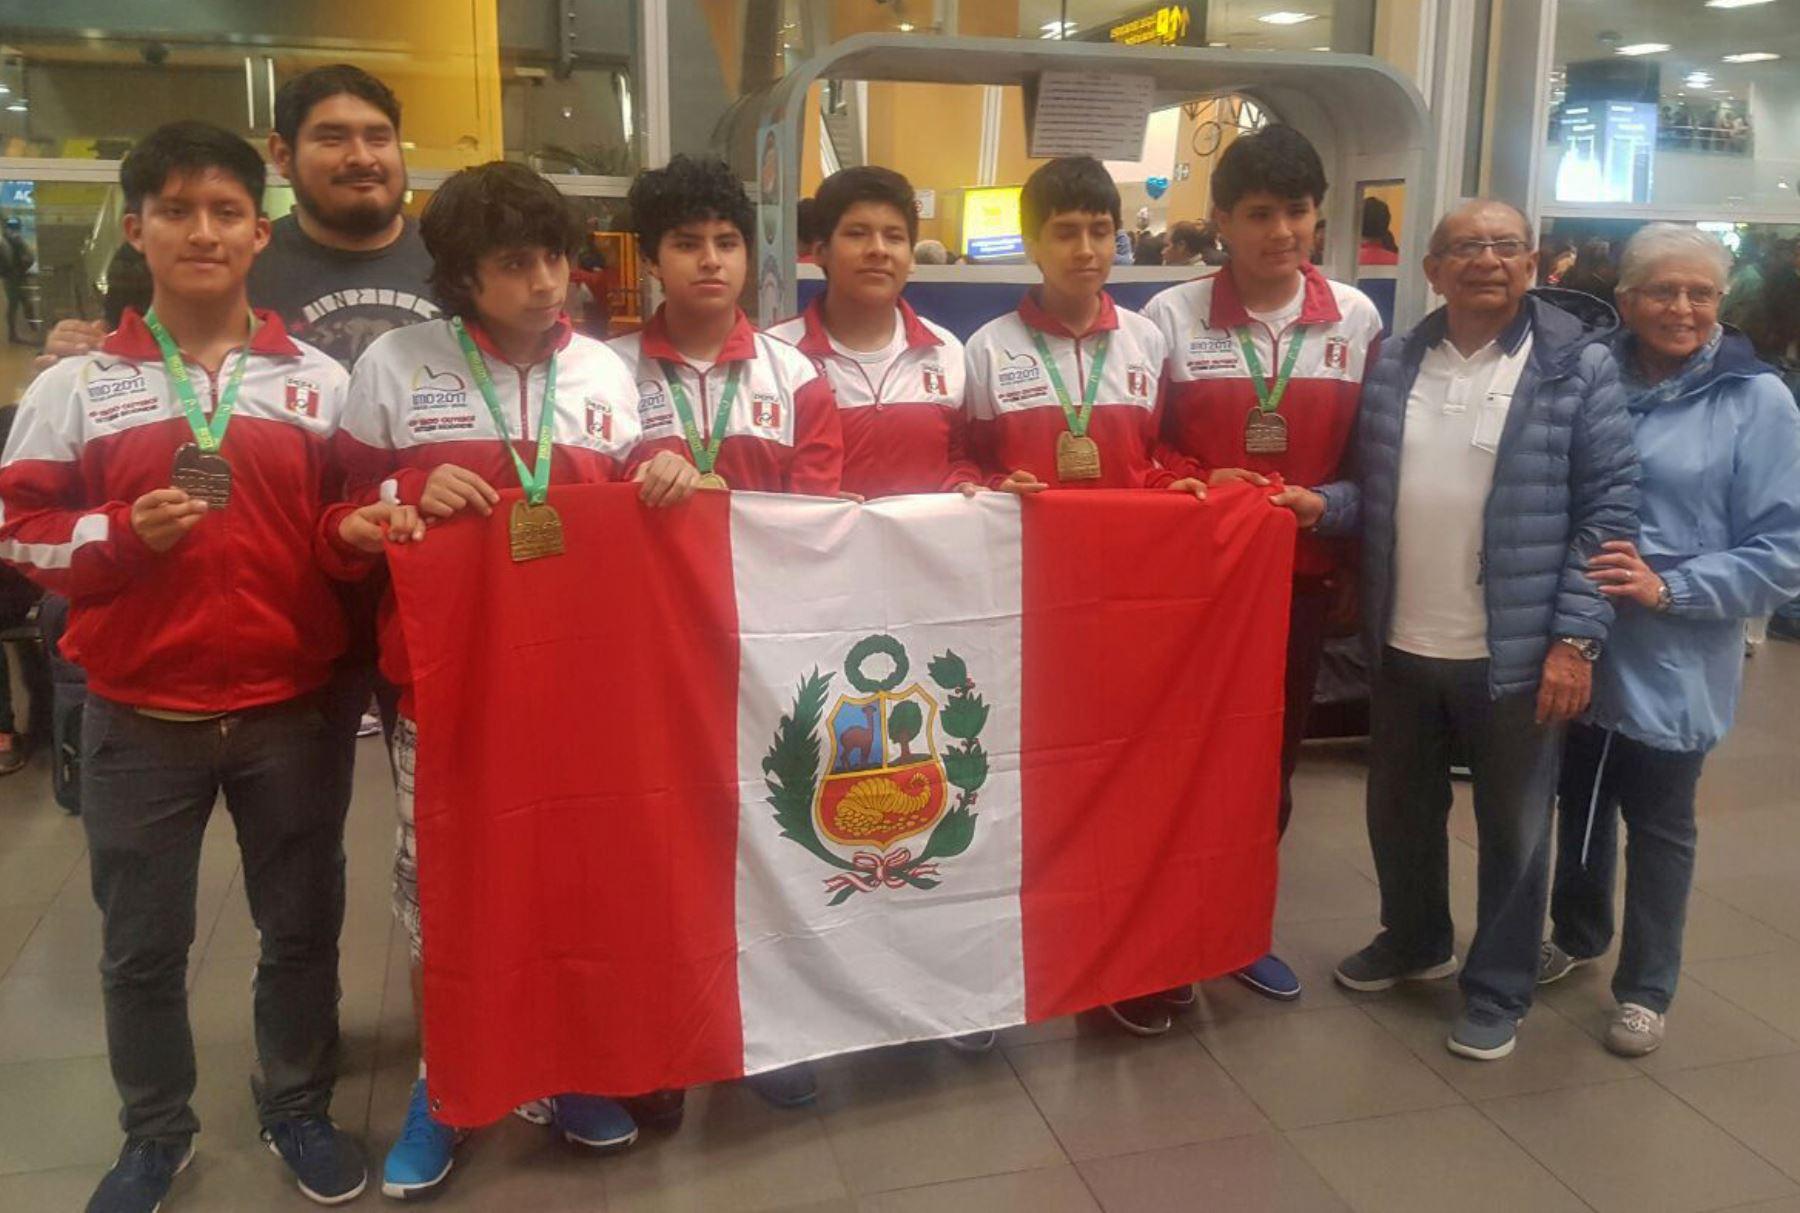 Representantes peruanos en Olimpiada Internacional de Matemática que se realizó en Brasil. Foto: Andina/difusión